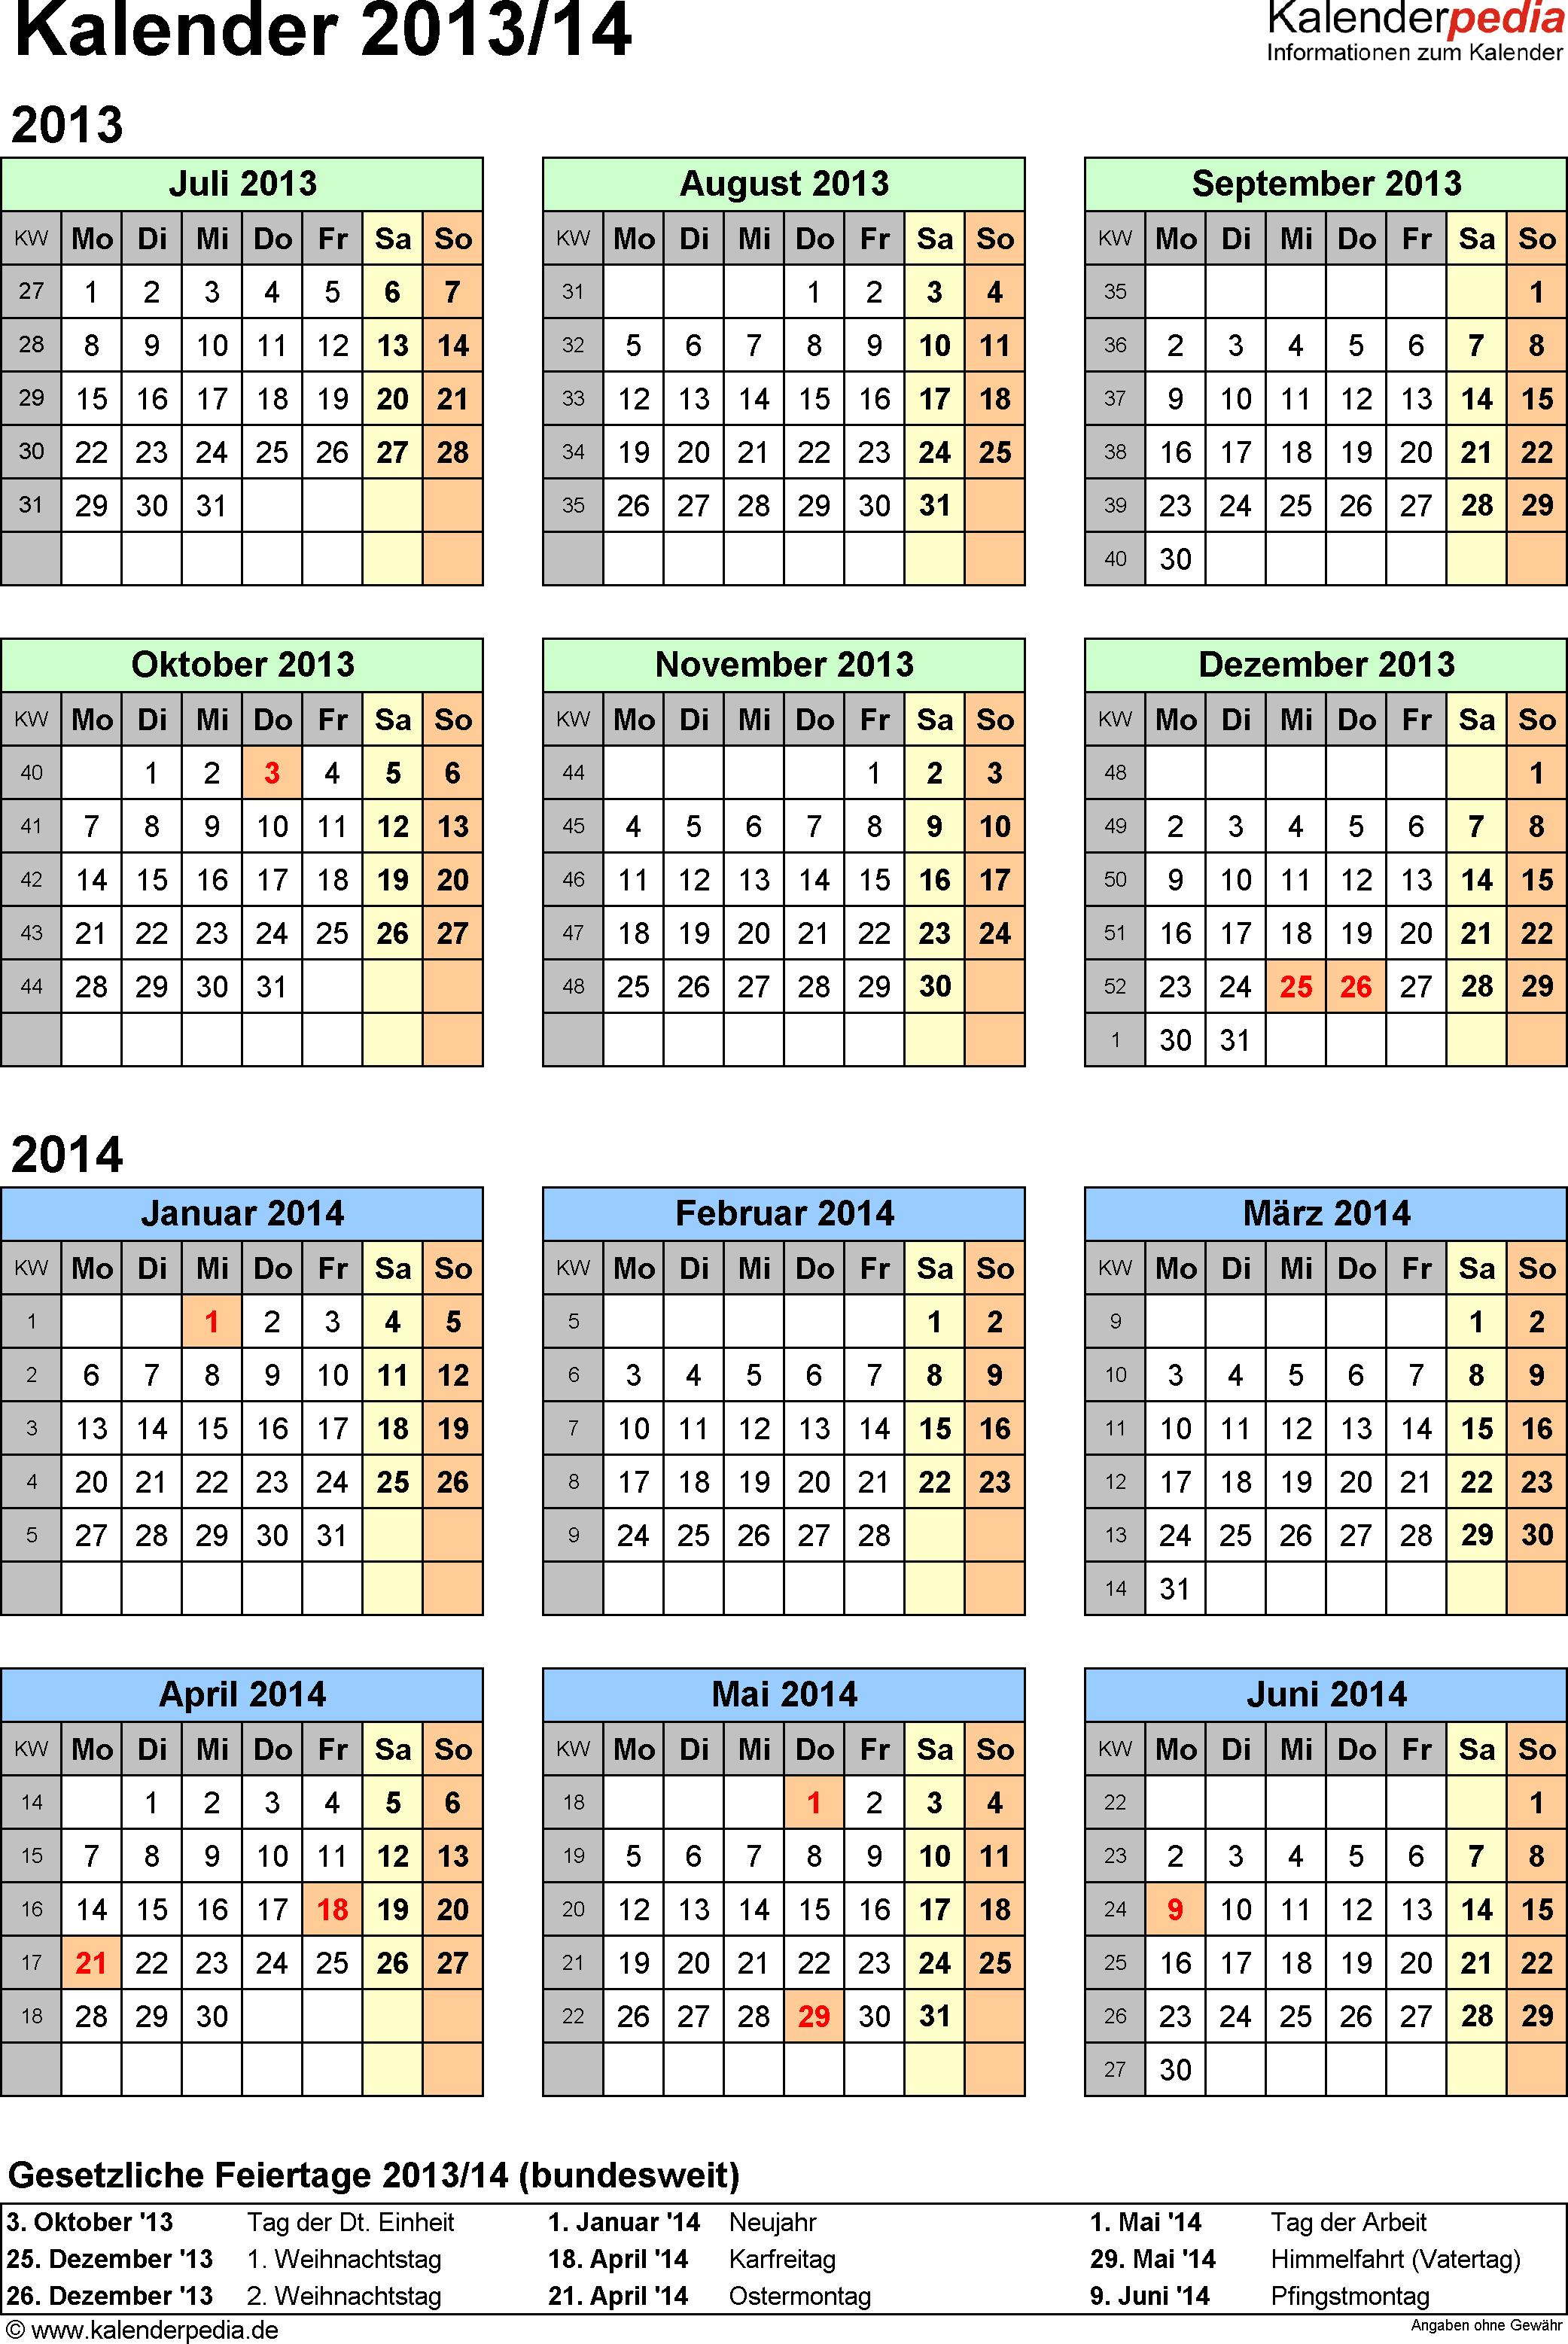 PDF-Vorlage für Halbjahr-Kalender 2013/2014 (Hochformat, 1 Seite, Jahresübersicht)